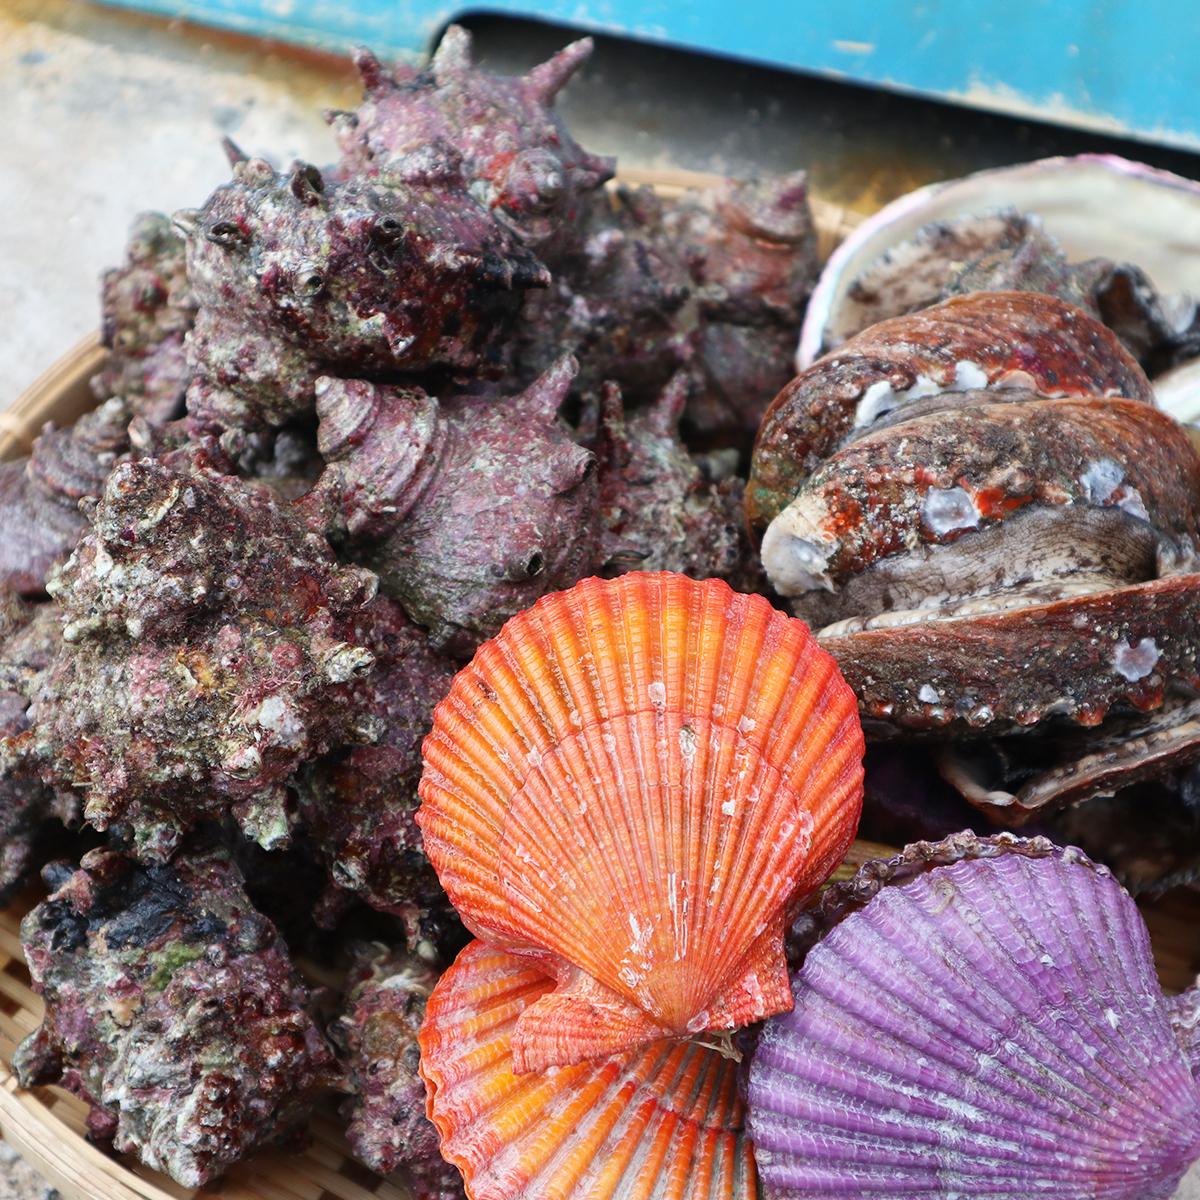 【ふるさと納税】 アワビ あわび 天然 養殖 活 0.5kg サザエ ヒオウギ 貝 貝づくし